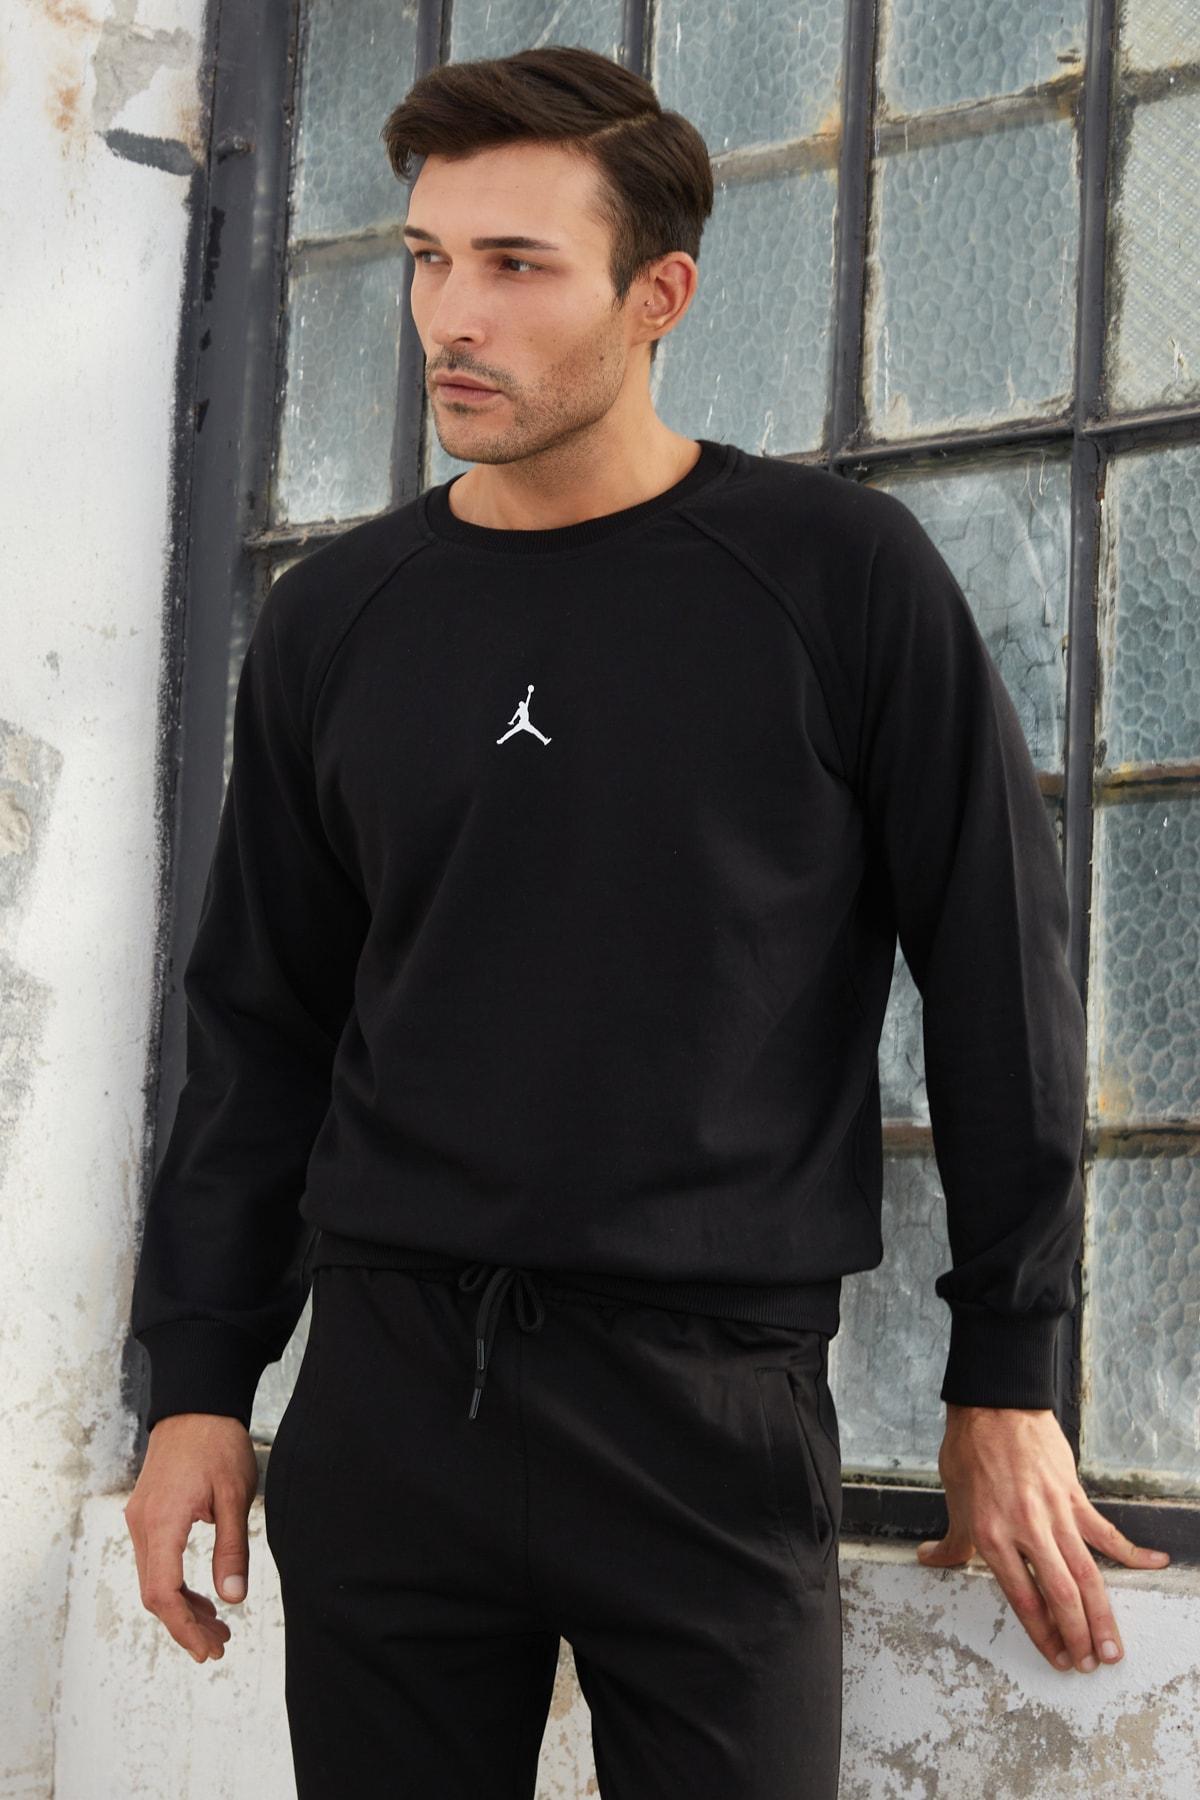 OnlyCool Erkek Siyah Jordan Baskılı Sweatshirt 1